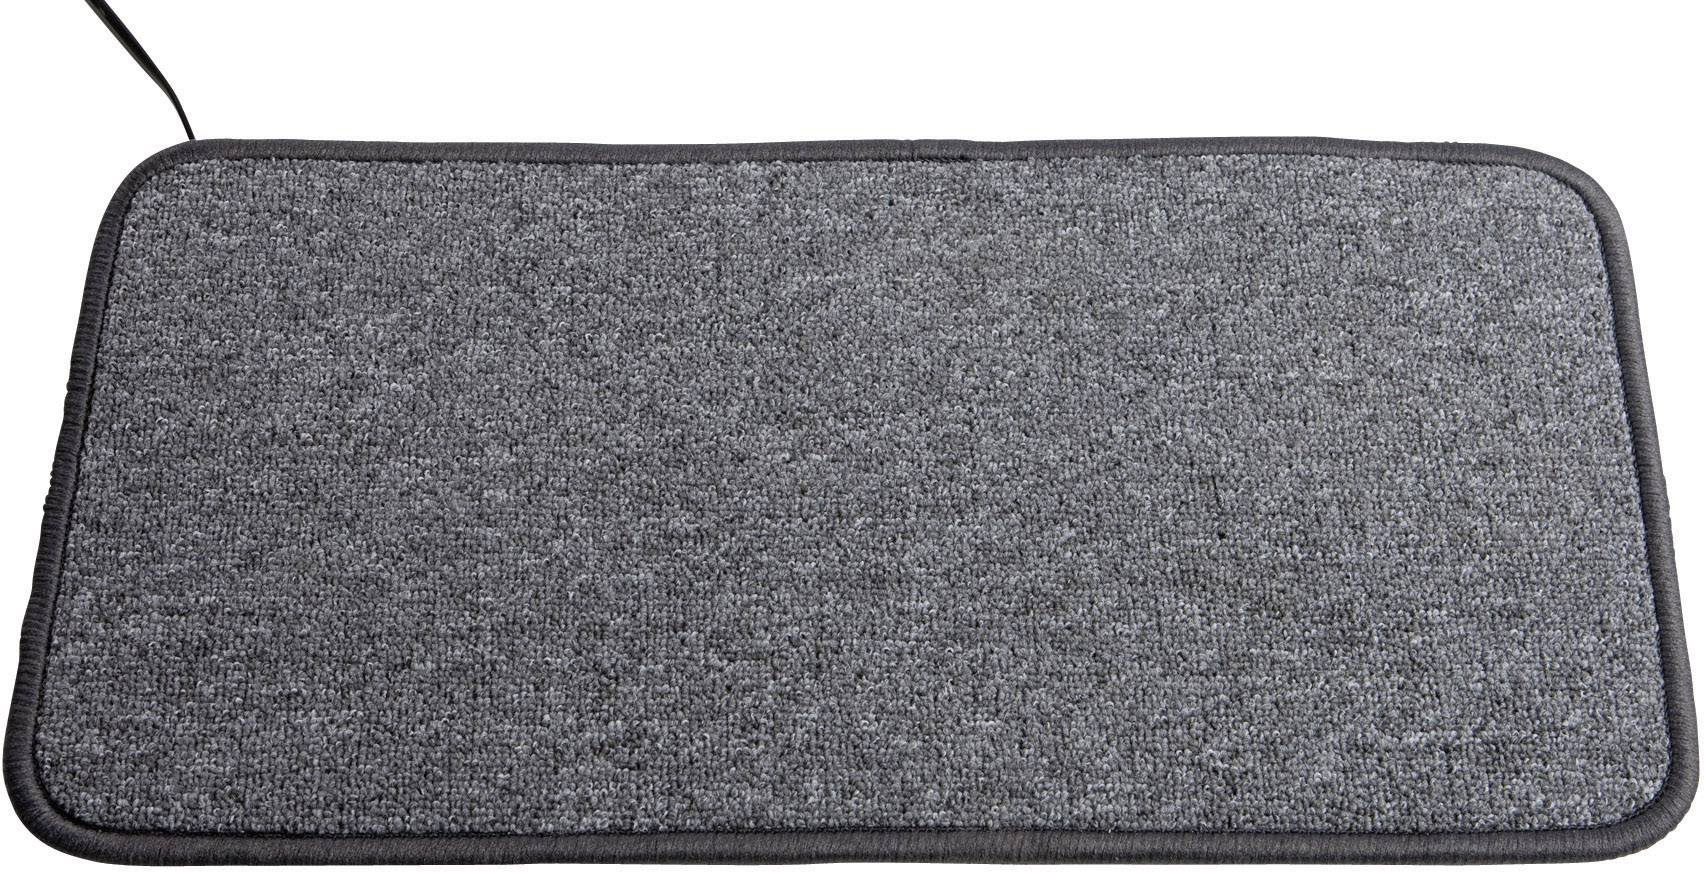 Vykurovacia rohož Arnold Rak FH21024 533356, (d x š x v) 60 x 40 x 1.5 cm, antracitová